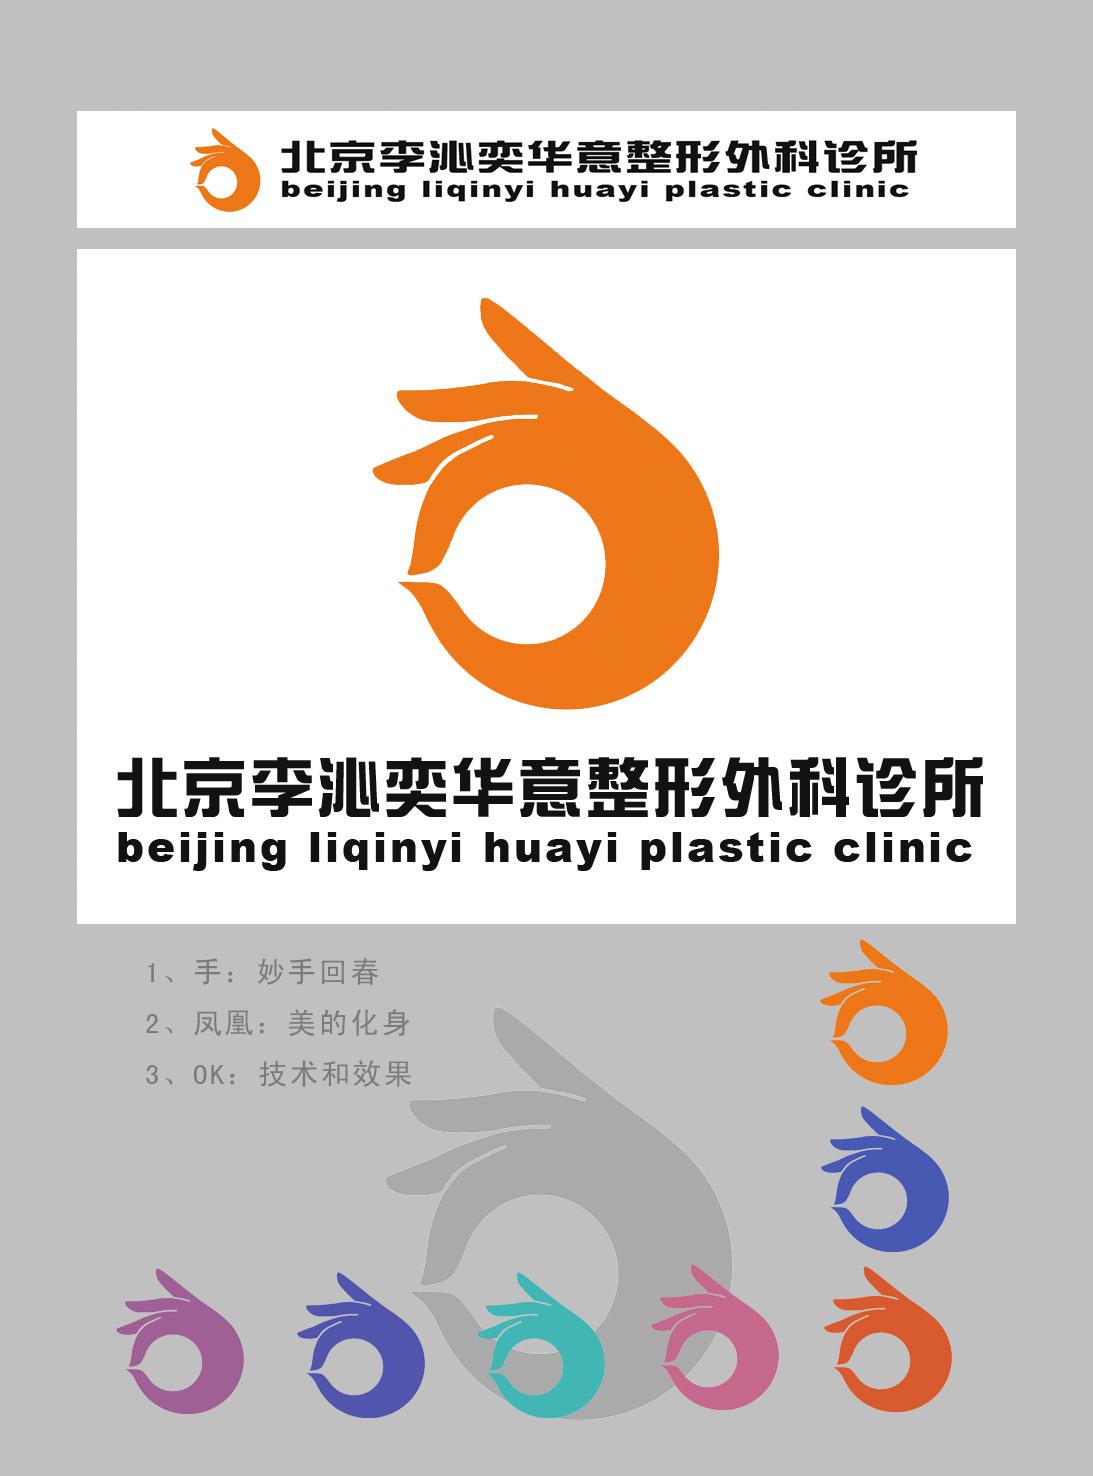 李沁奕整形外科医院logo设计::500元::第3559号任务